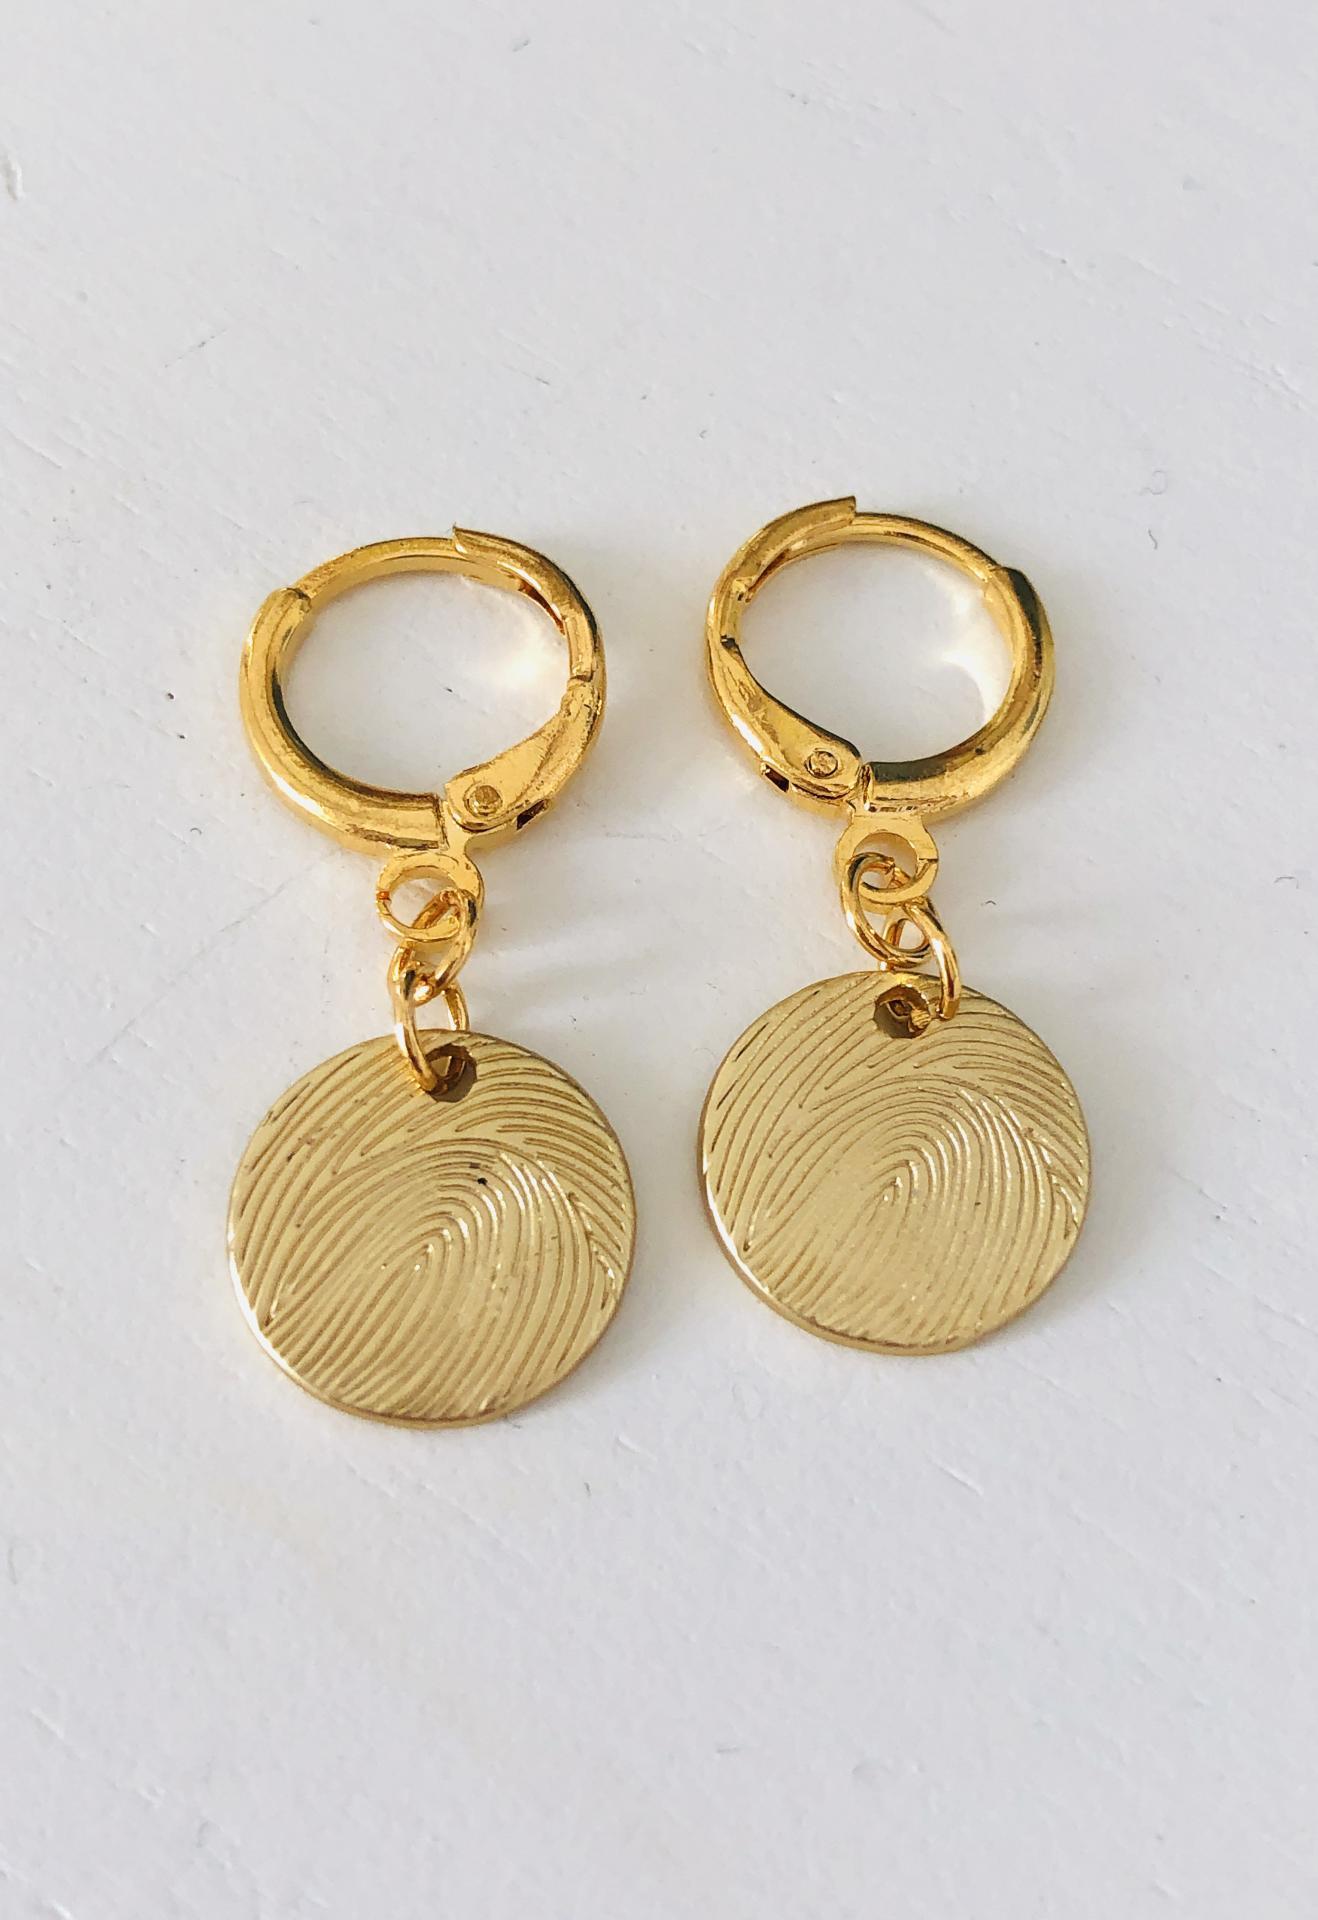 Aros criolla con círculo dorado